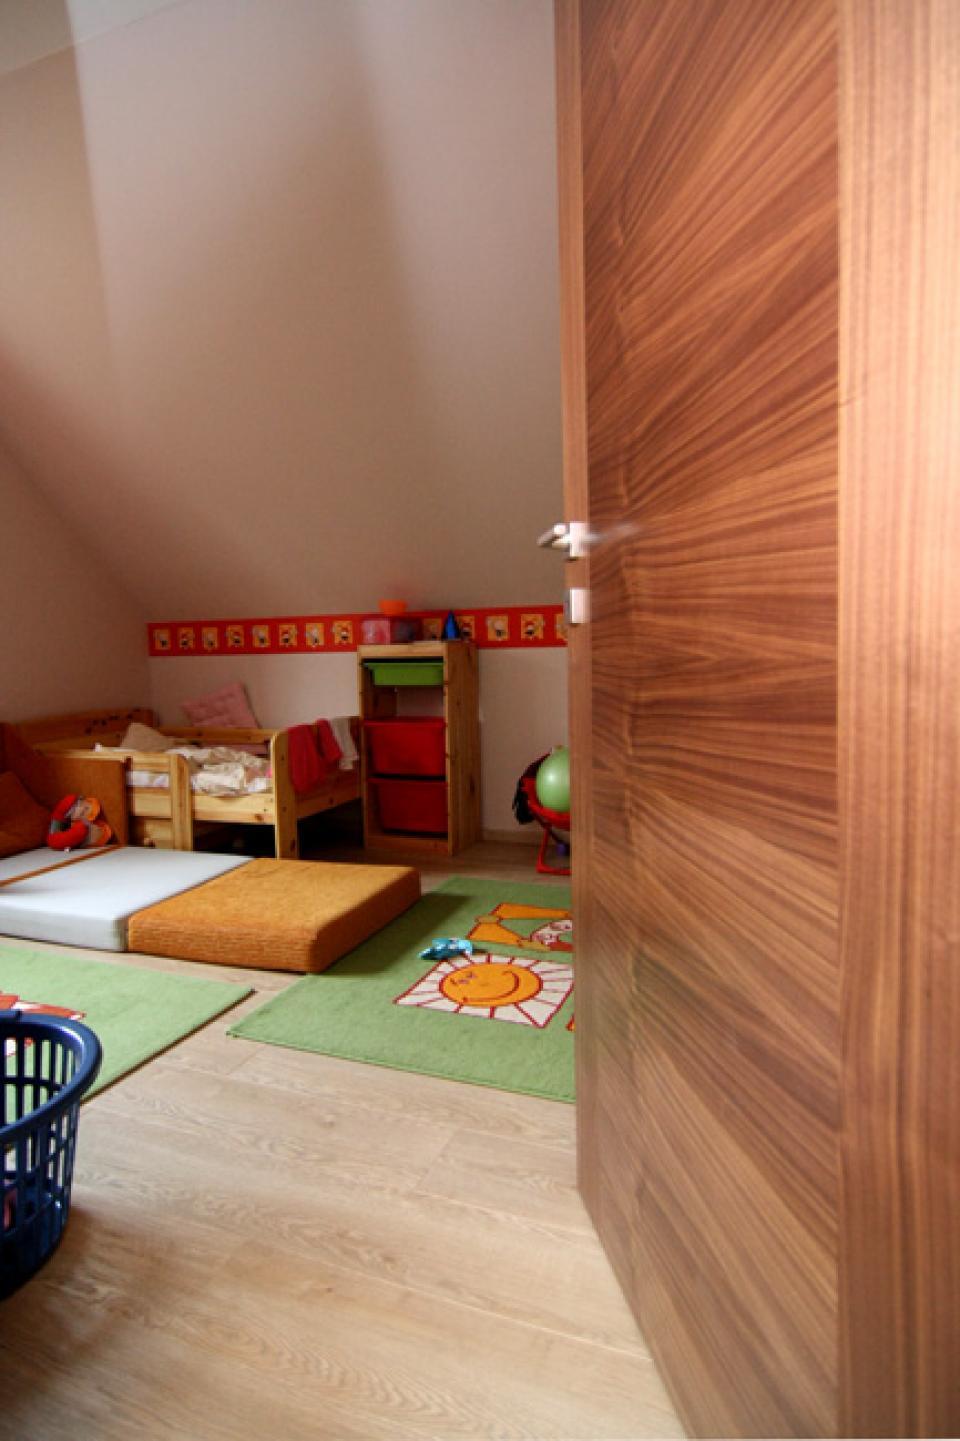 Bilbao és Gunma ajtónk egy szentendrei házban | Referencia - Ajtóház